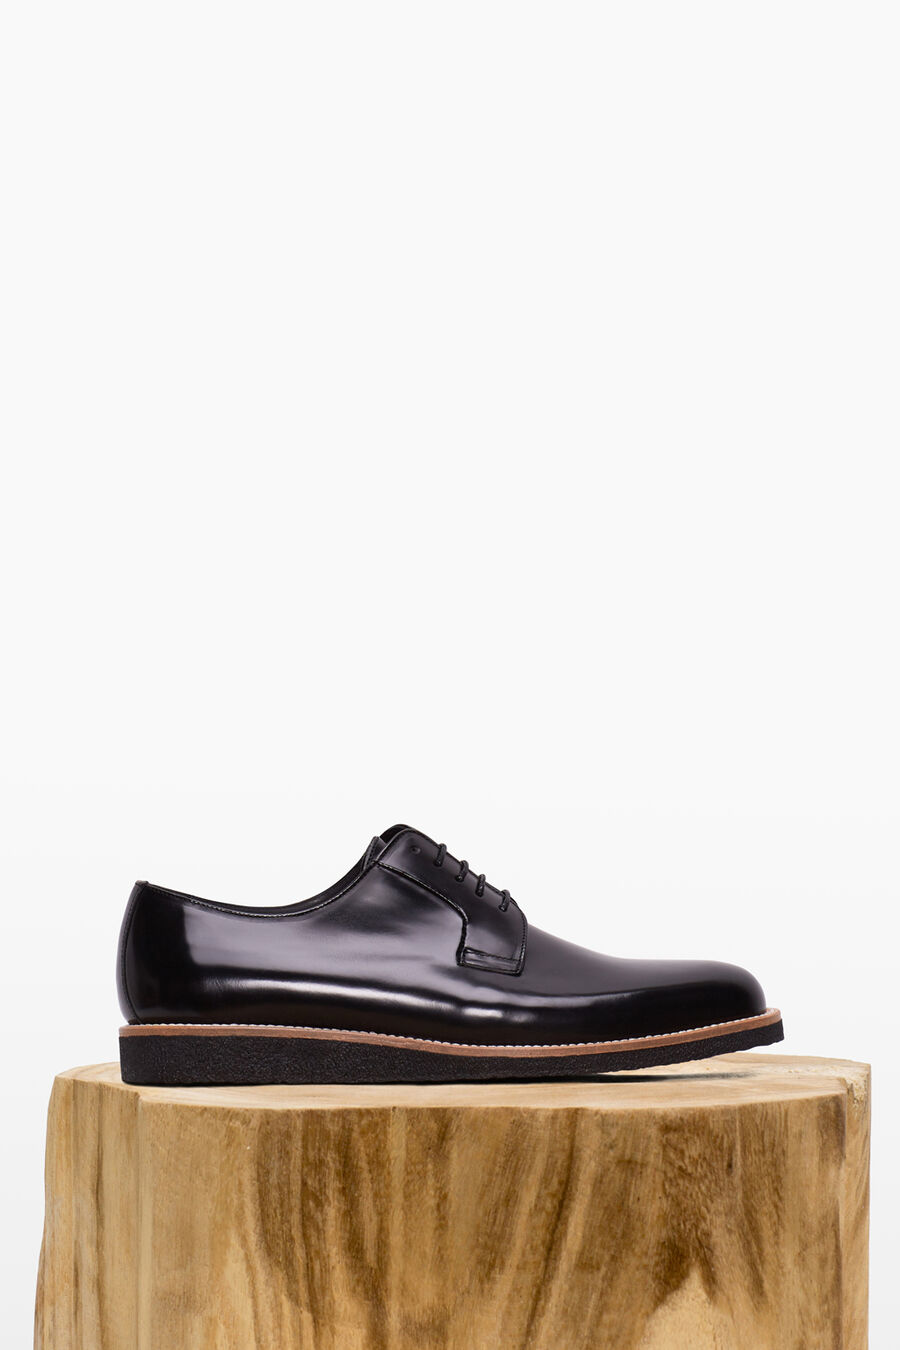 Blucher shoe